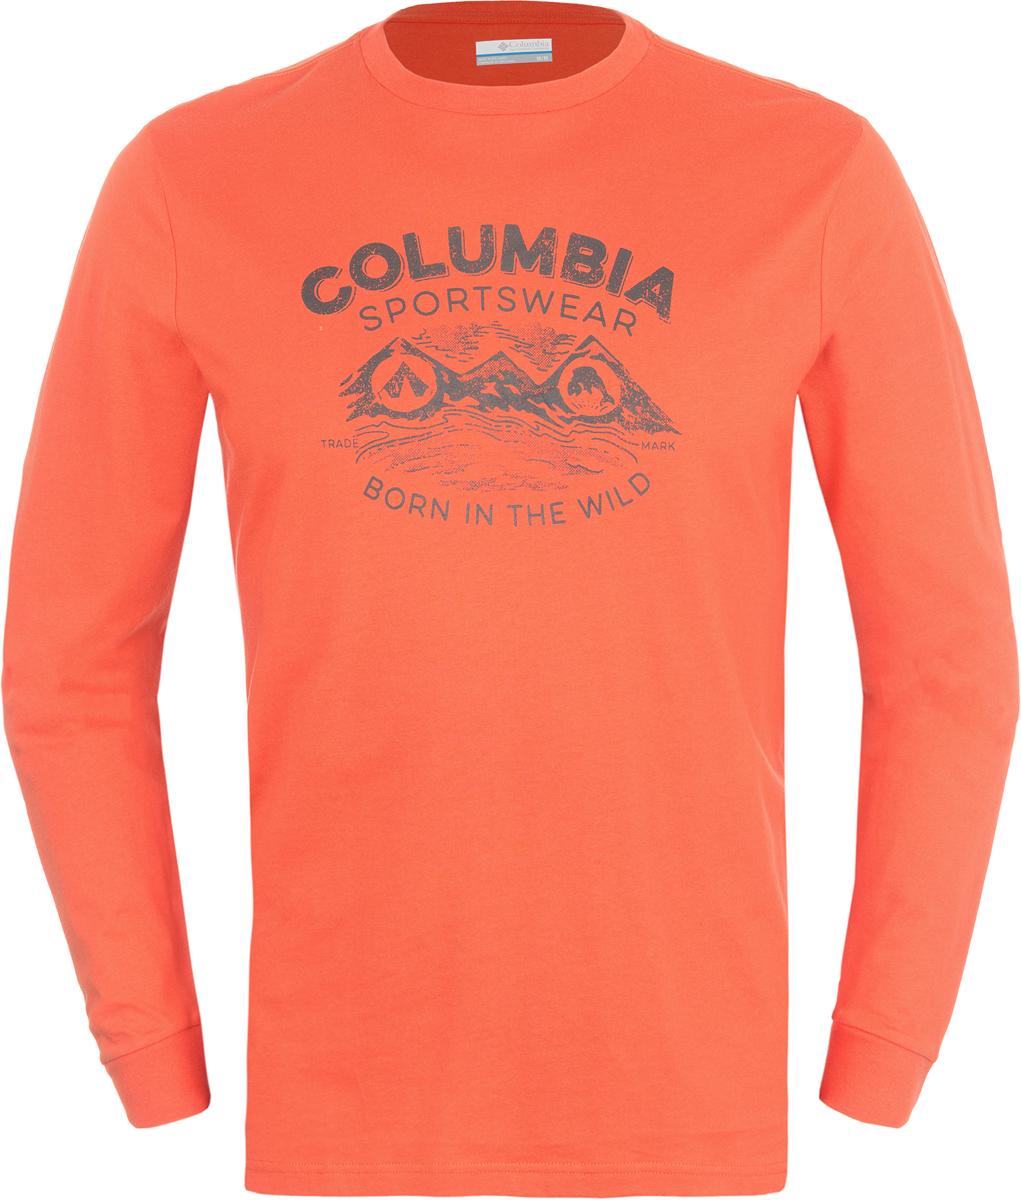 Лонгслив мужской Columbia Born In The Wild Ls M T-Shirt, цвет: оранжевый. 1739421-834. Размер XL (52/54)1739421-834Мужской лонгслив от Columbia, выполненный из натуральных тканей прекрасно дополнит гардероб. Модель с длинными рукавами и круглым вырезом горловины оформлена текстовым принтом.